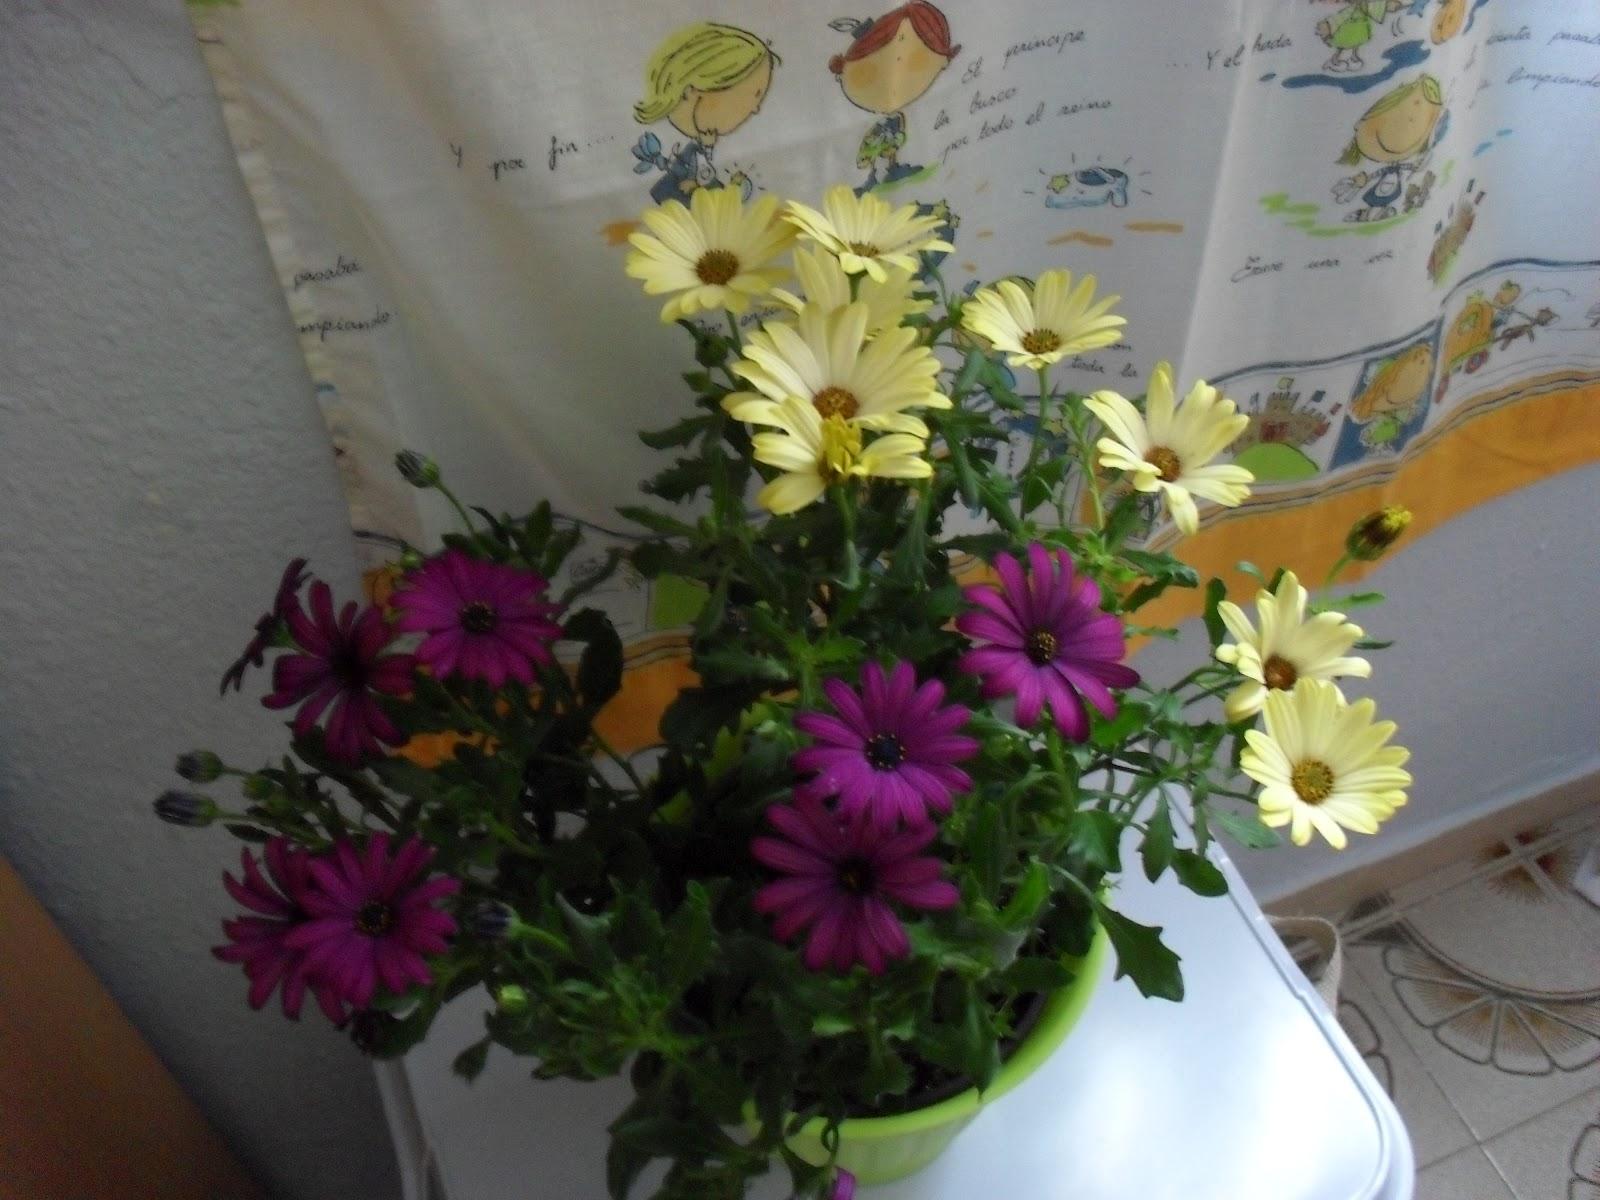 Tercera eposha plantas de exterior margaritas amarillas for Plantas de exterior